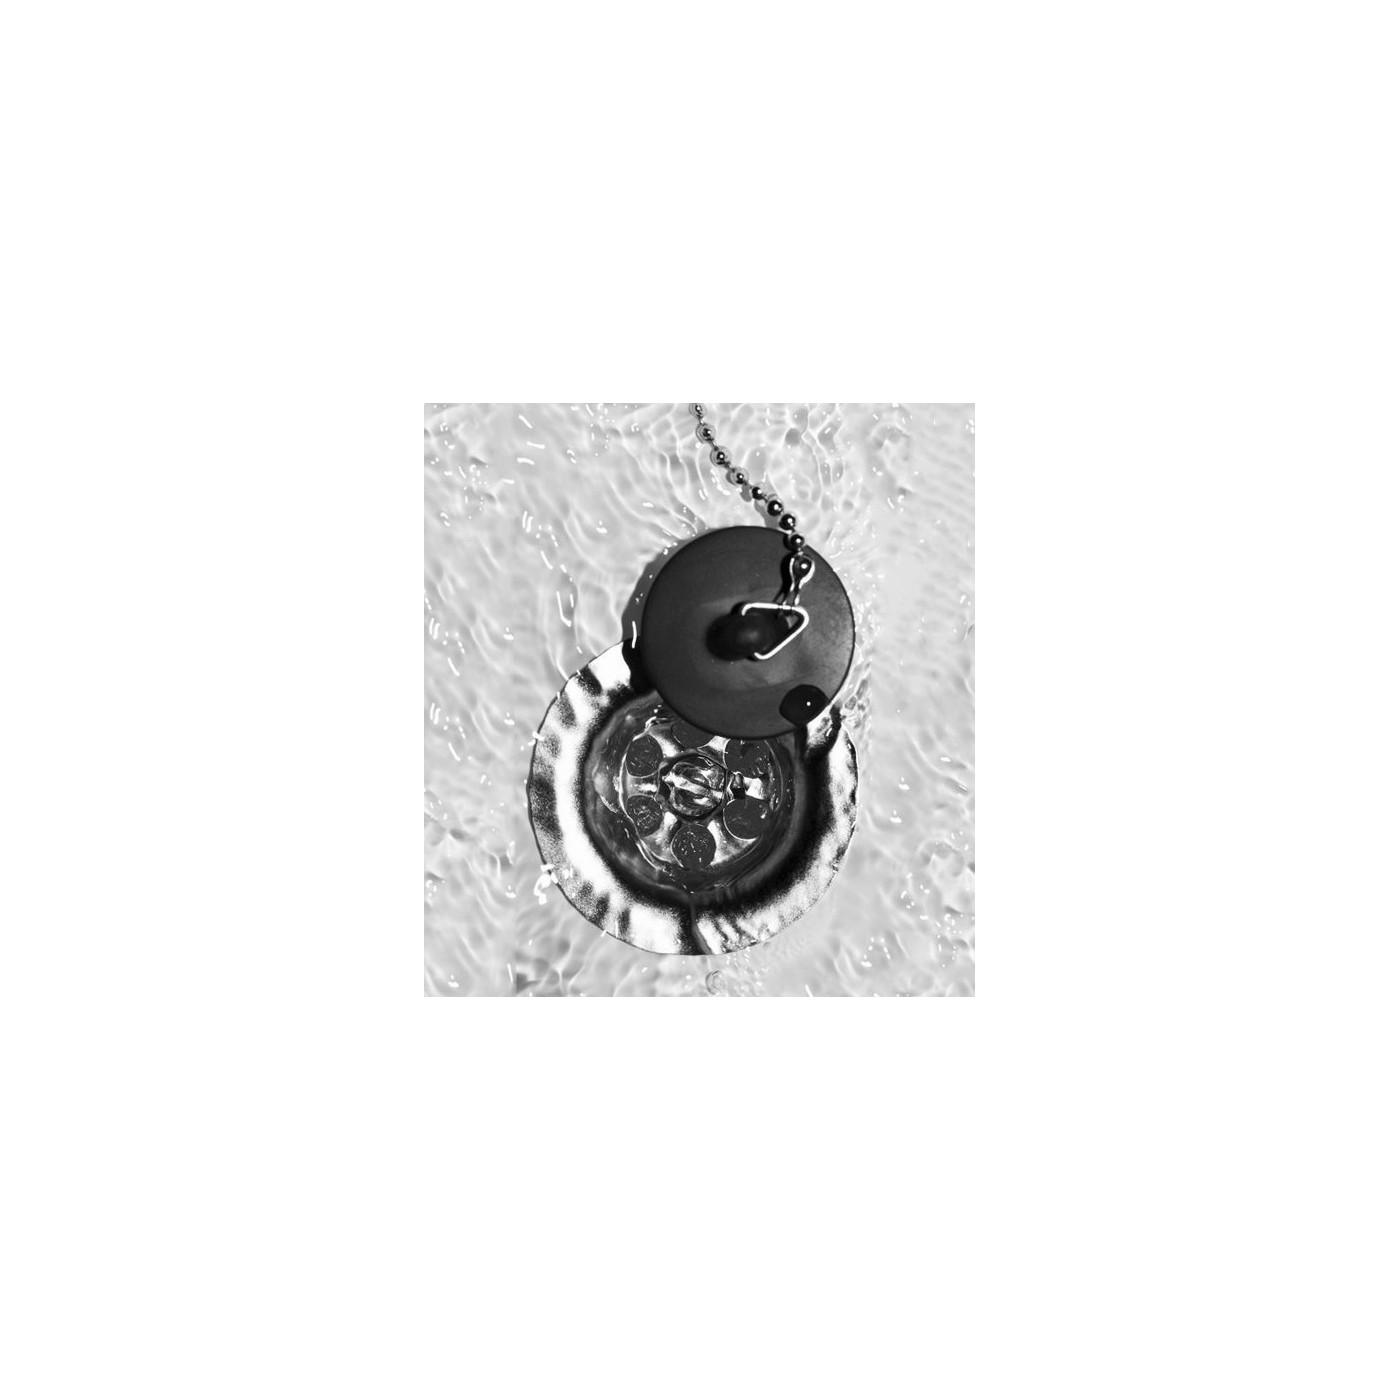 Set van 6 rubber gootsteenstoppen (44 mm, met 25-30 cm ketting)